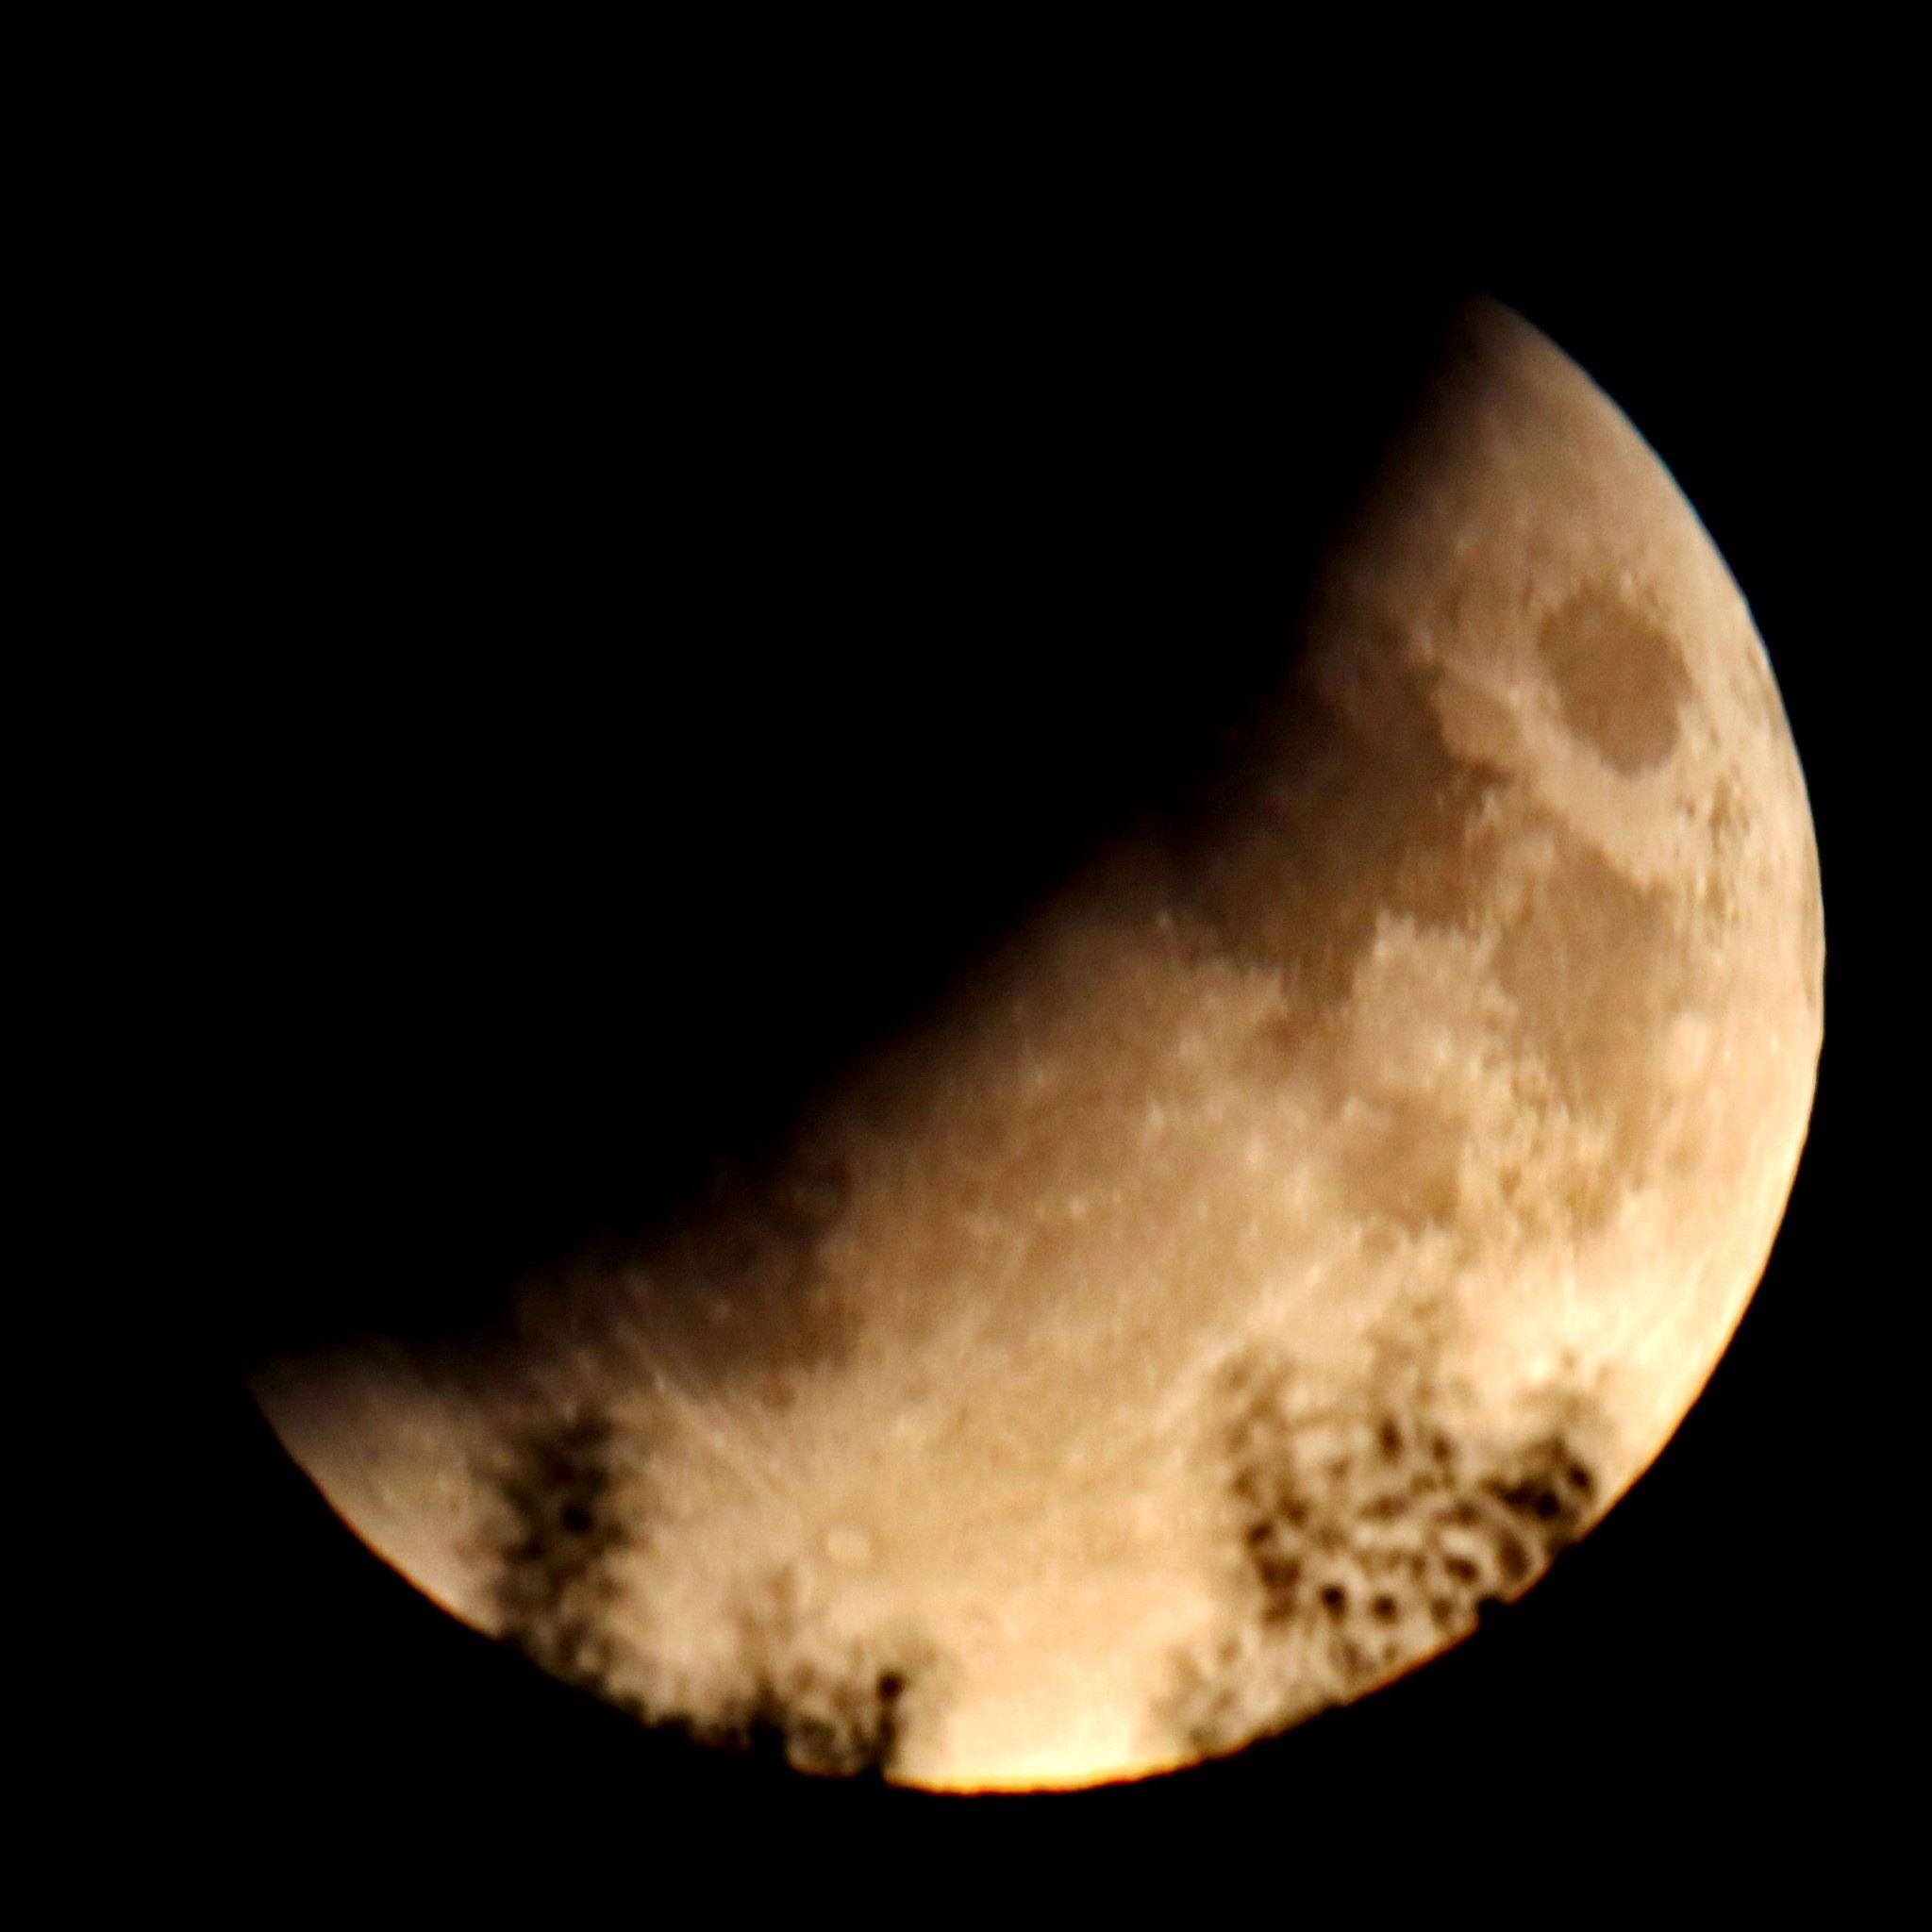 Gedeeltelijke maansverduistering vanuit de Volkssterrenwacht gefotografeerd - De gedeeltelijke maansverduistering vanuit de Volkssterrenwacht Orion in het Streekbos gefotografeerd. Foto © Theo Mulder